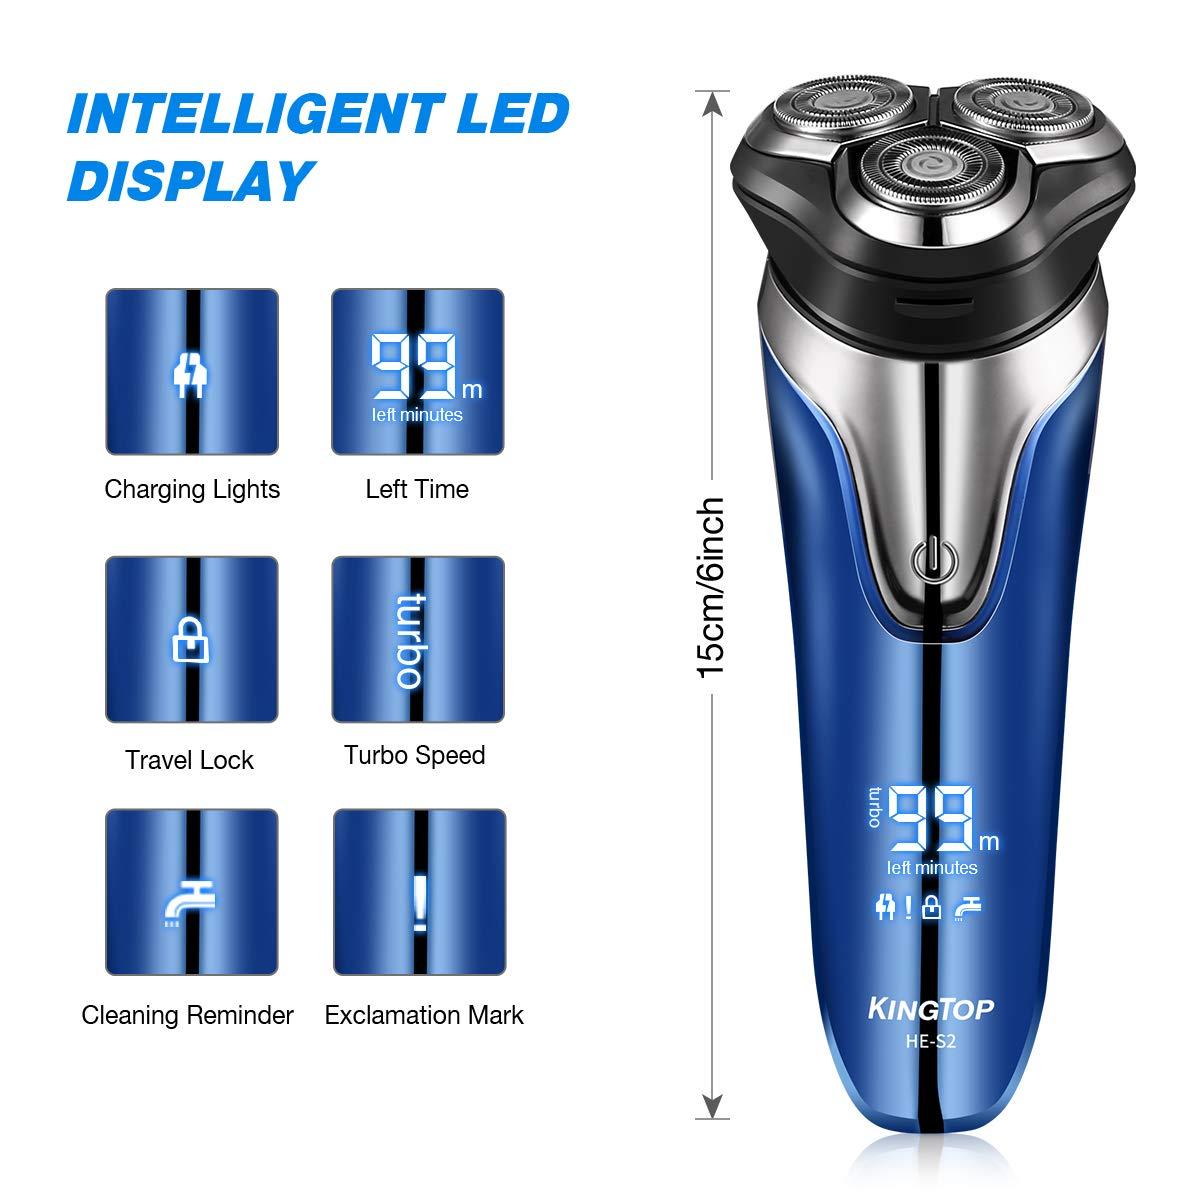 Máquina de Afeitar de Rotación Afeitadora Eléctrica para Hombres KINGTOP Cabezas Giratorias Cortadora de Barba Impermeable IPX7 Modo de uso Carga Rápida ...